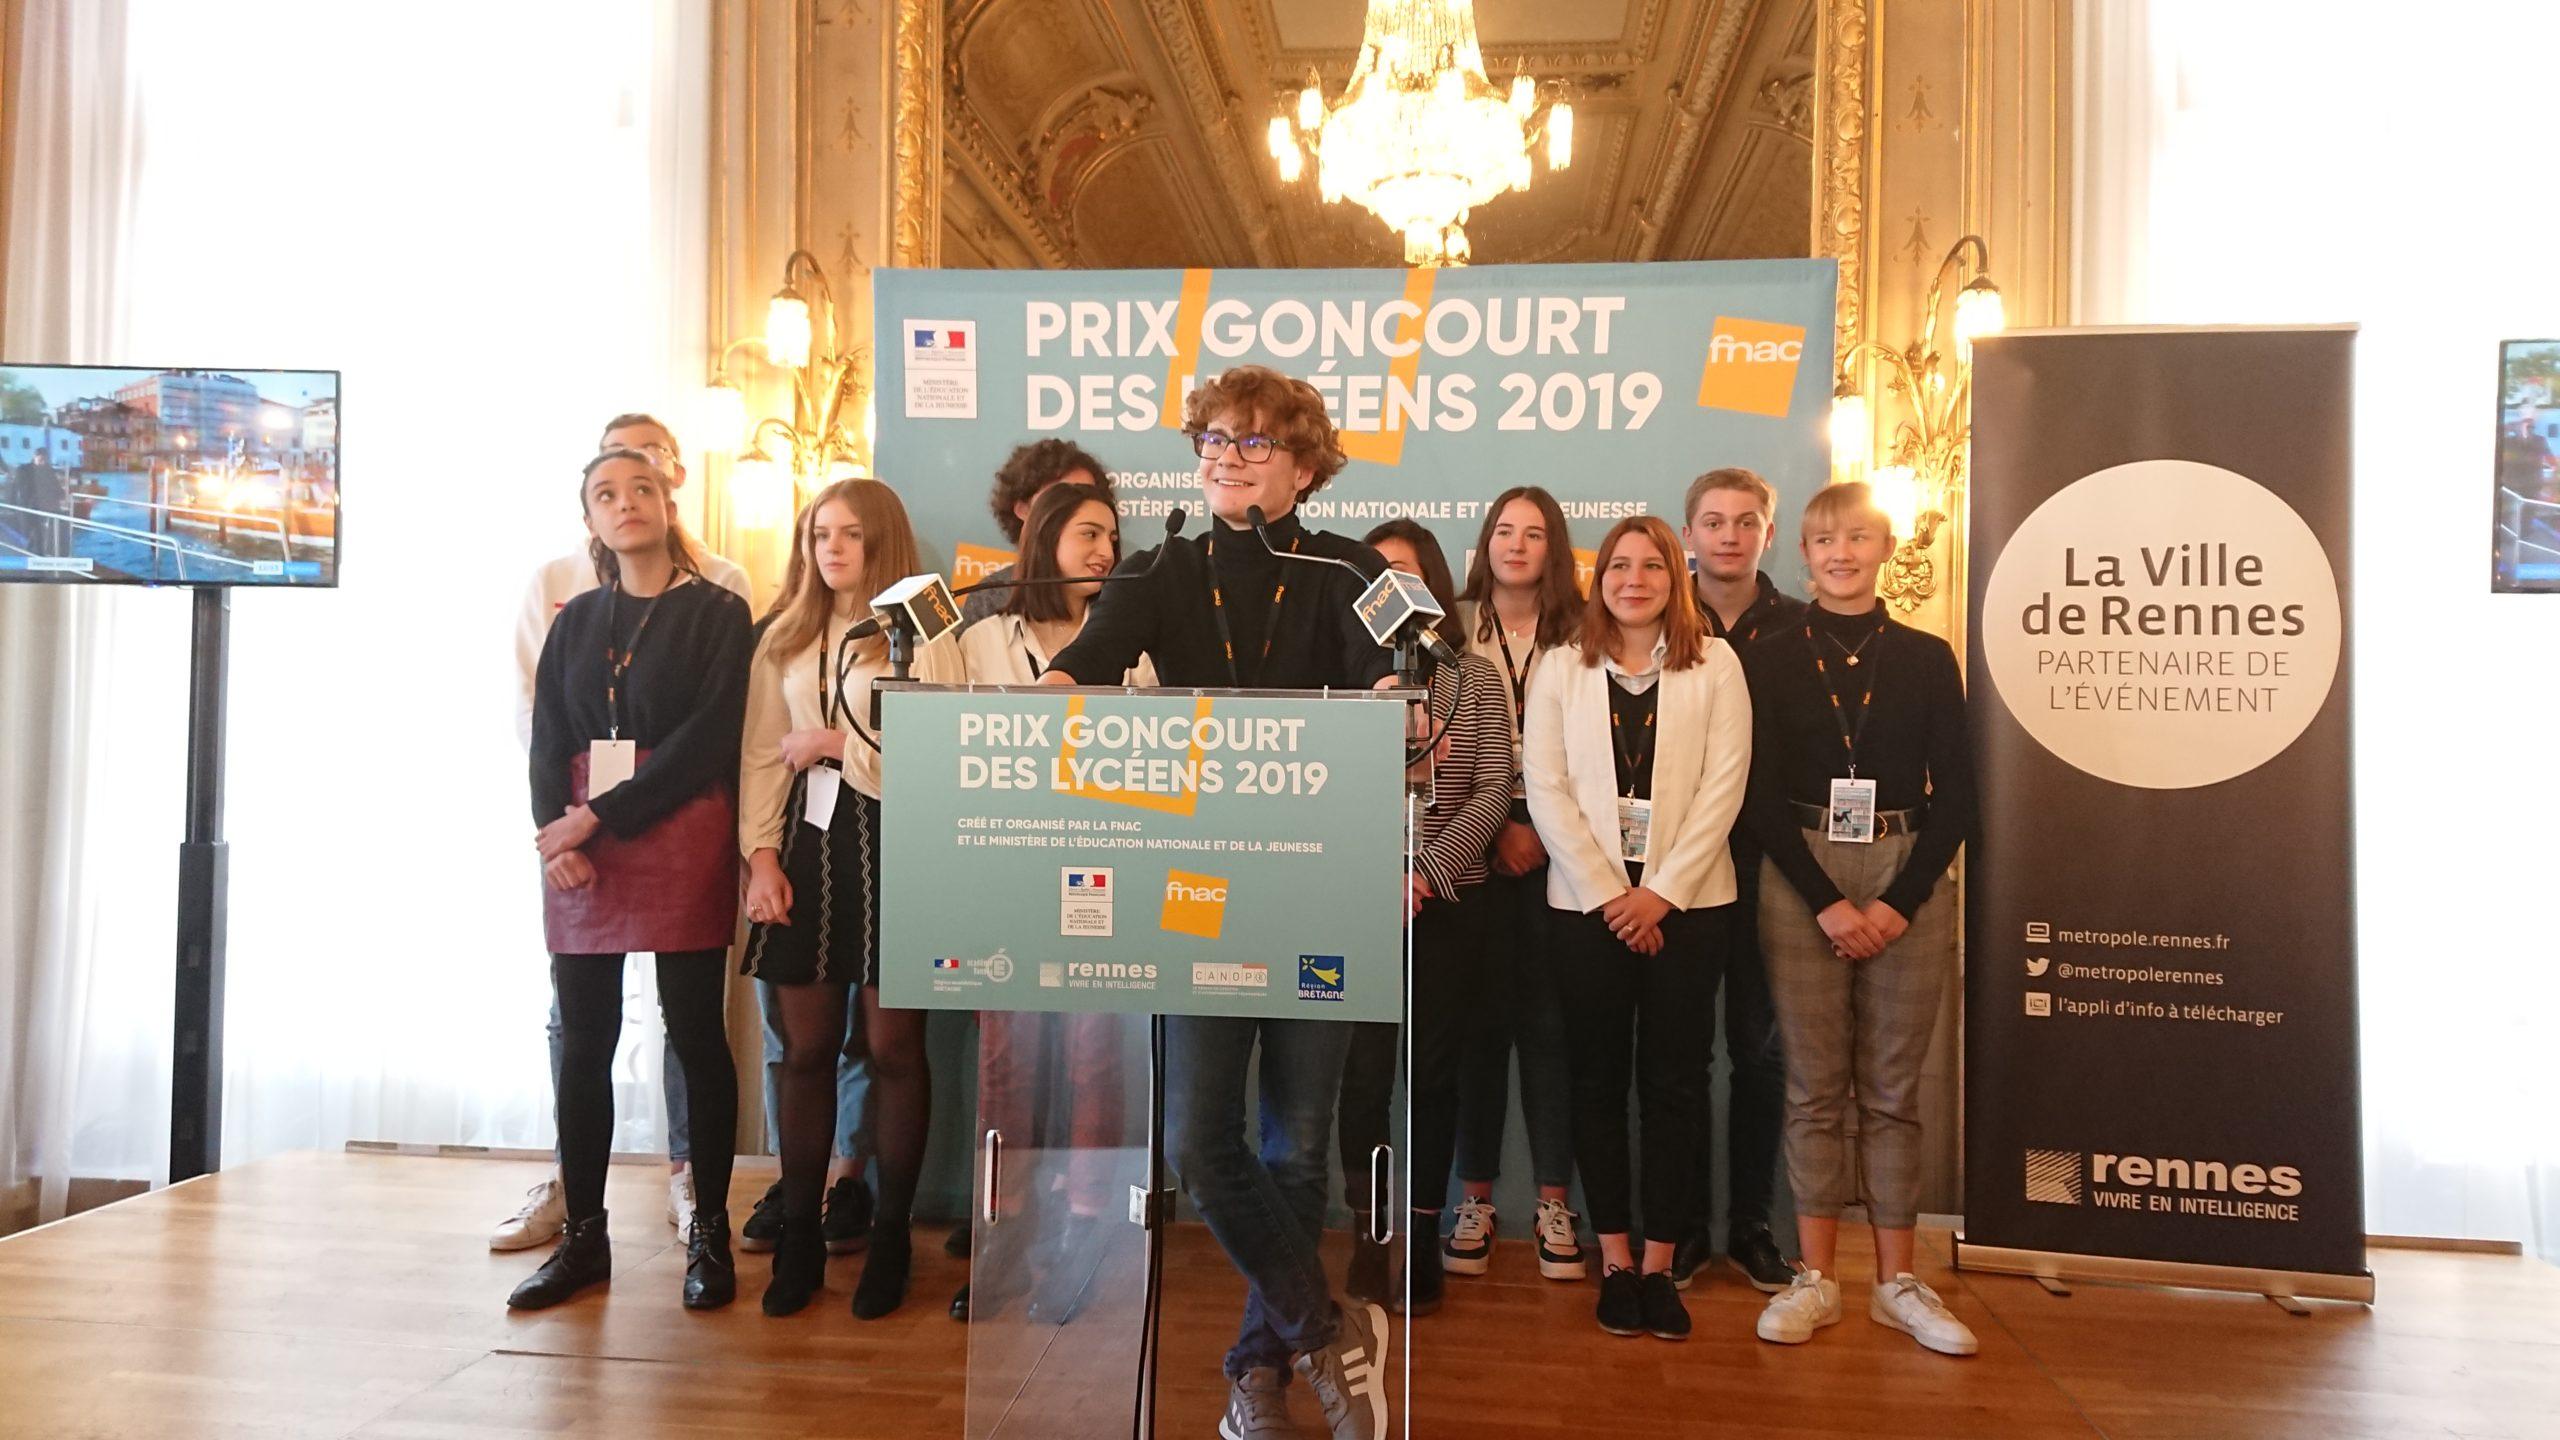 Proclamation à Rennes du Prix Goncourt des Lycéens 2019 ©Bruit de Lire